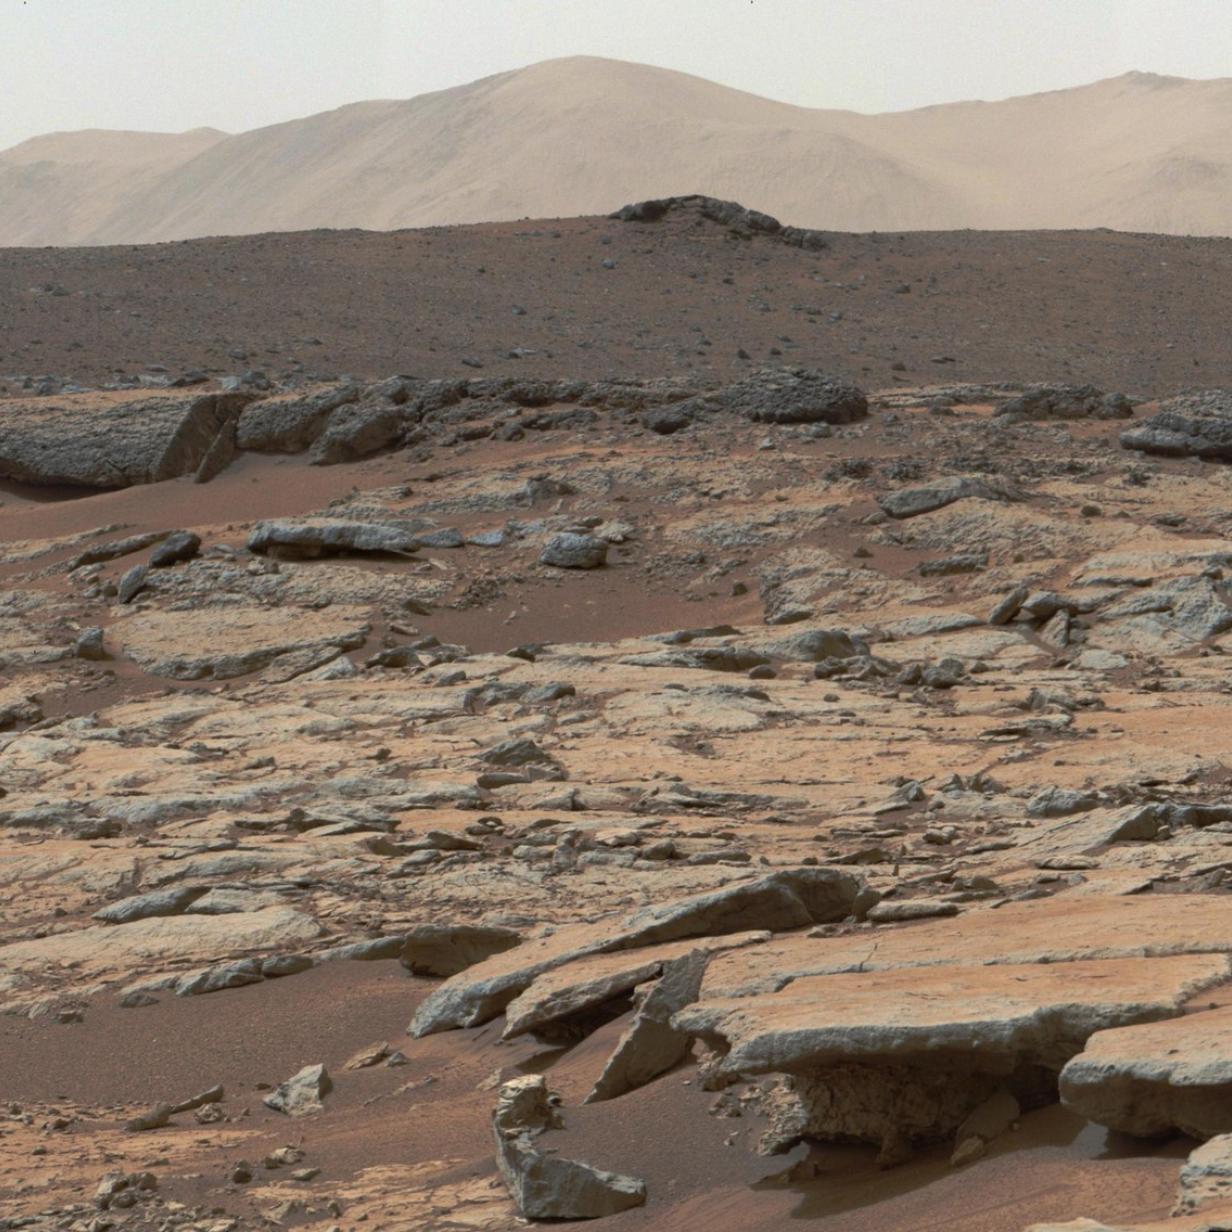 Spektatuläre Fotos vom Curiosity Rover aus dem Gale Krater